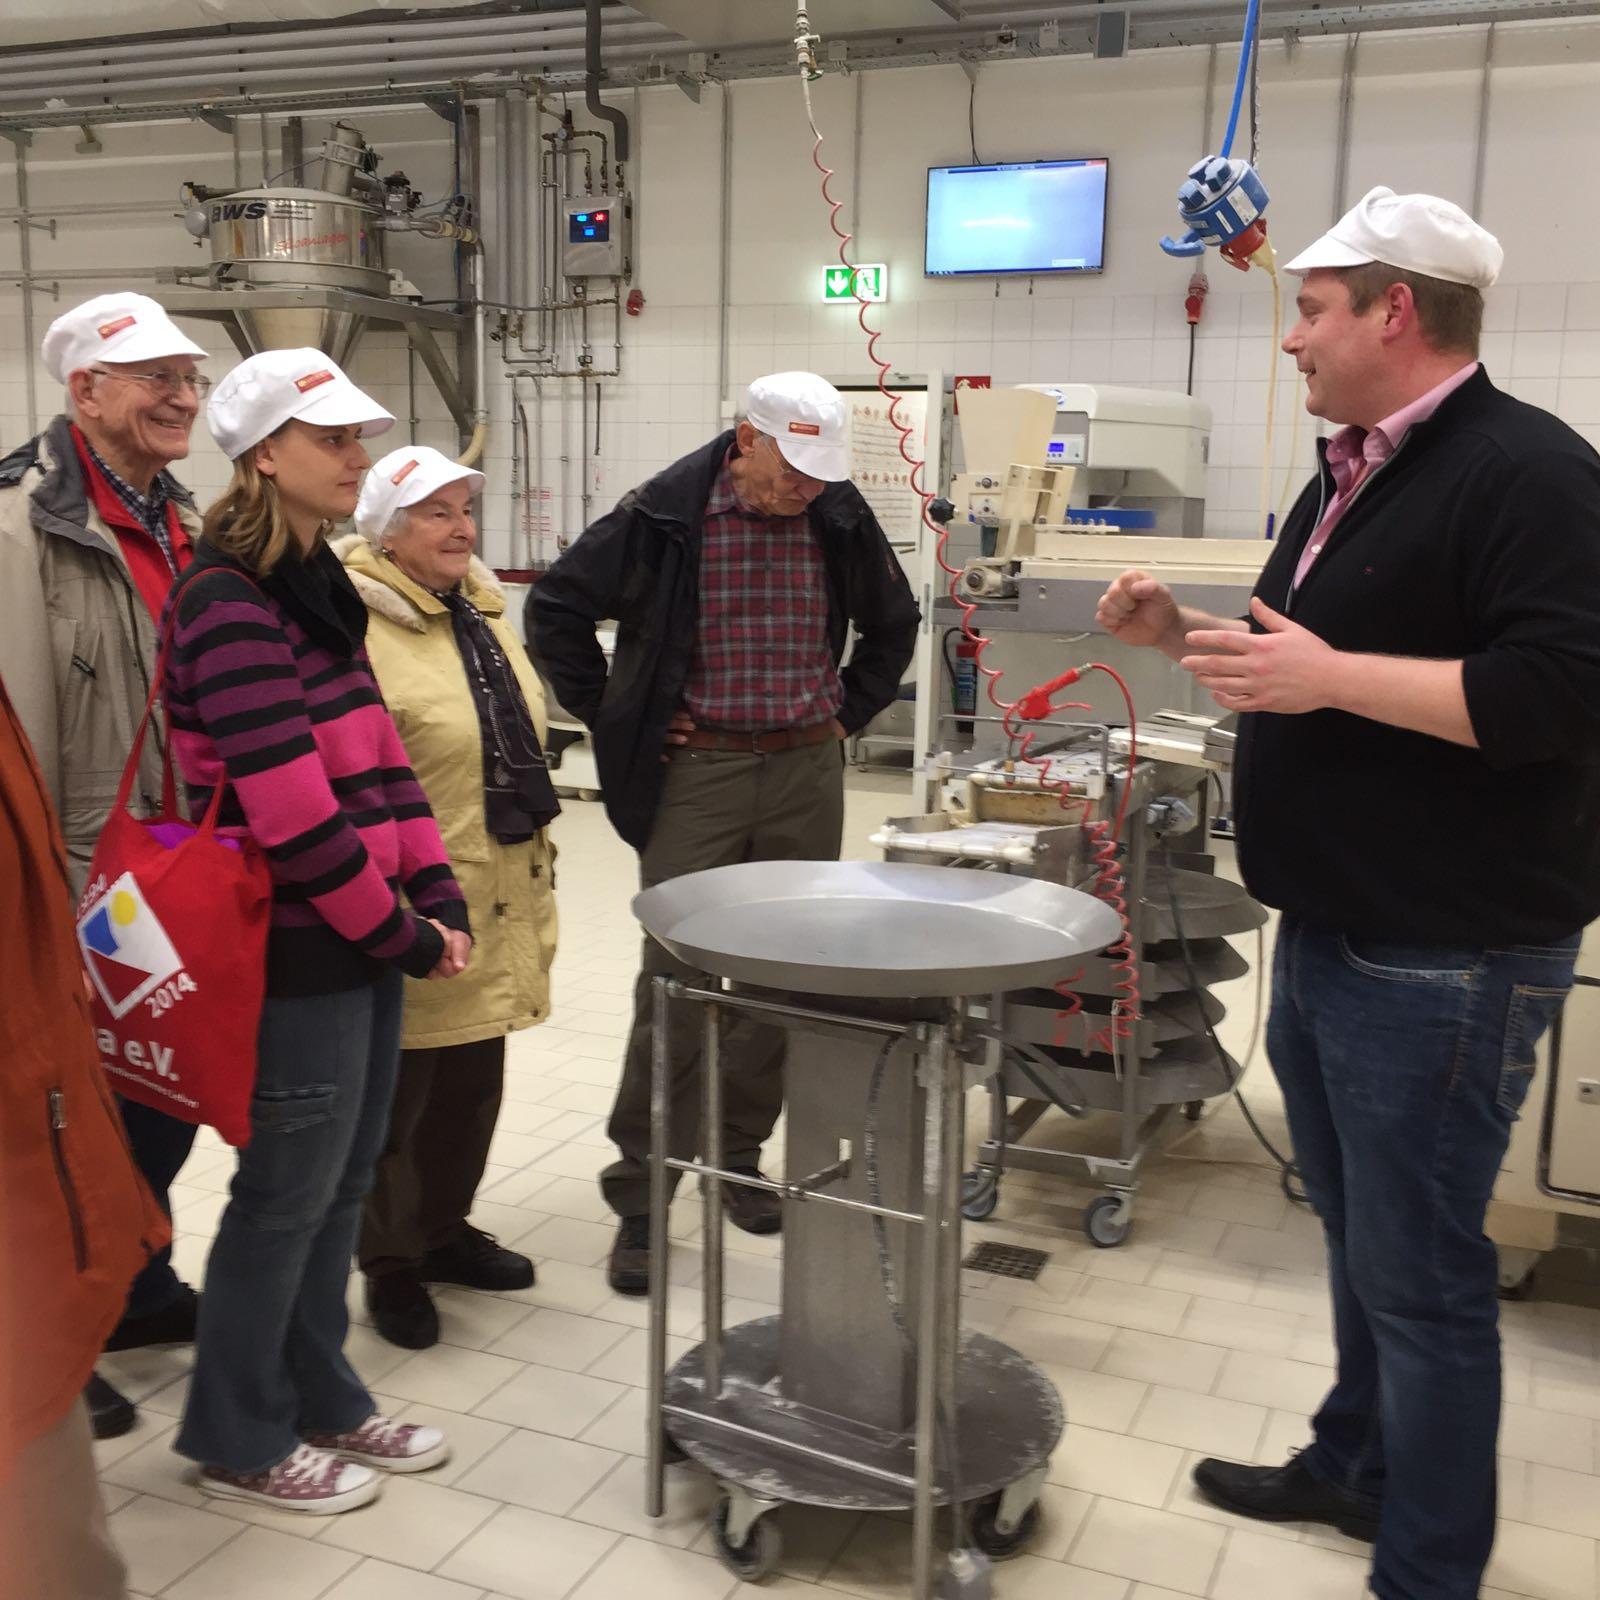 Dienstagswandergruppe Besichtigung Großbäckerei 22.11.16